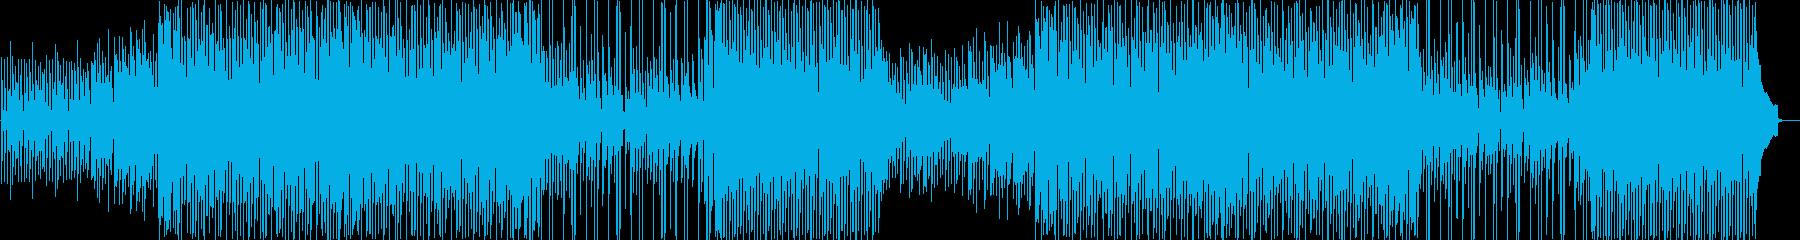 流行のコンセプトムービーBGMサウンド③の再生済みの波形